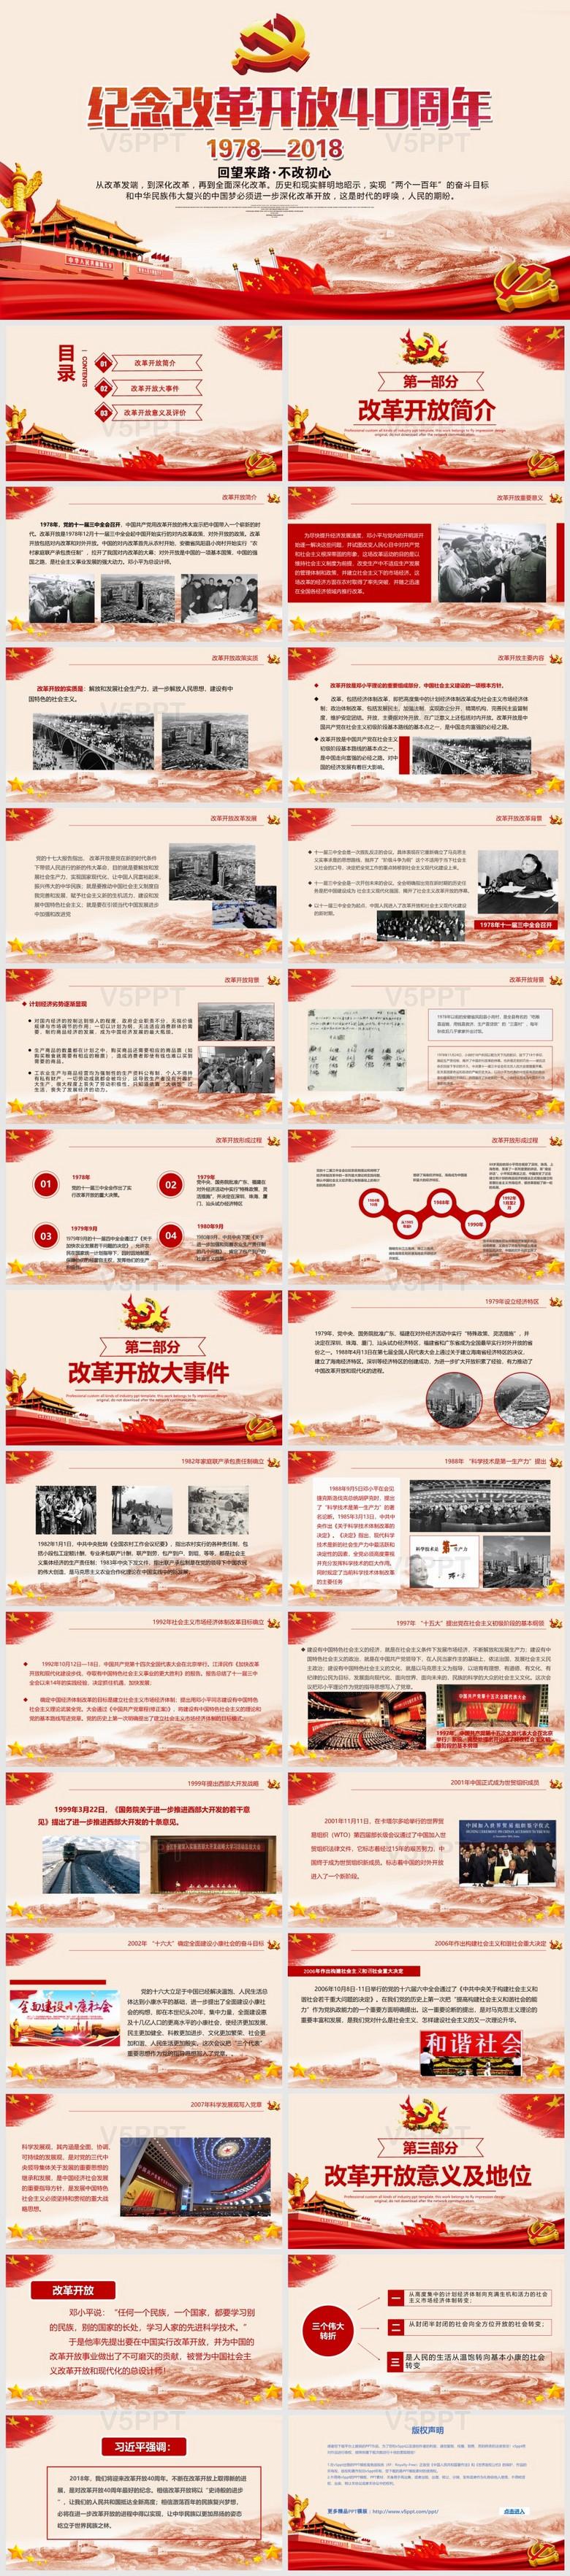 纪念改革开放40周年将改革进行到底党建PPT